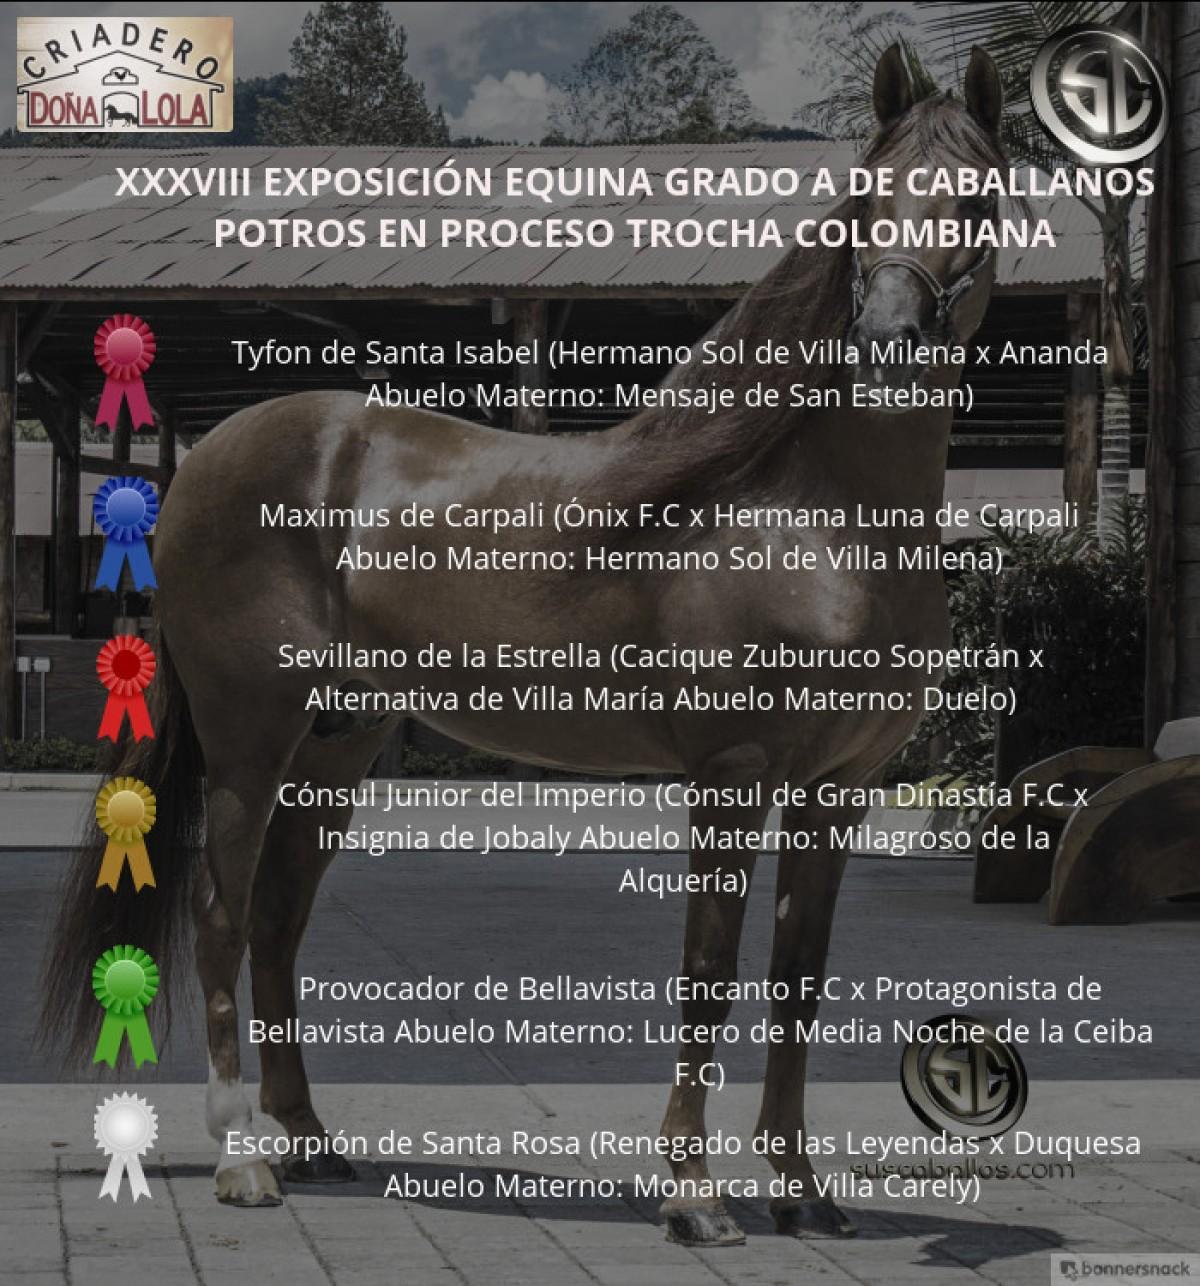 VÍDEO: Tyfon Mejor, Maximus 1P, Potros Trocha Colombiana, Caballanos 2018